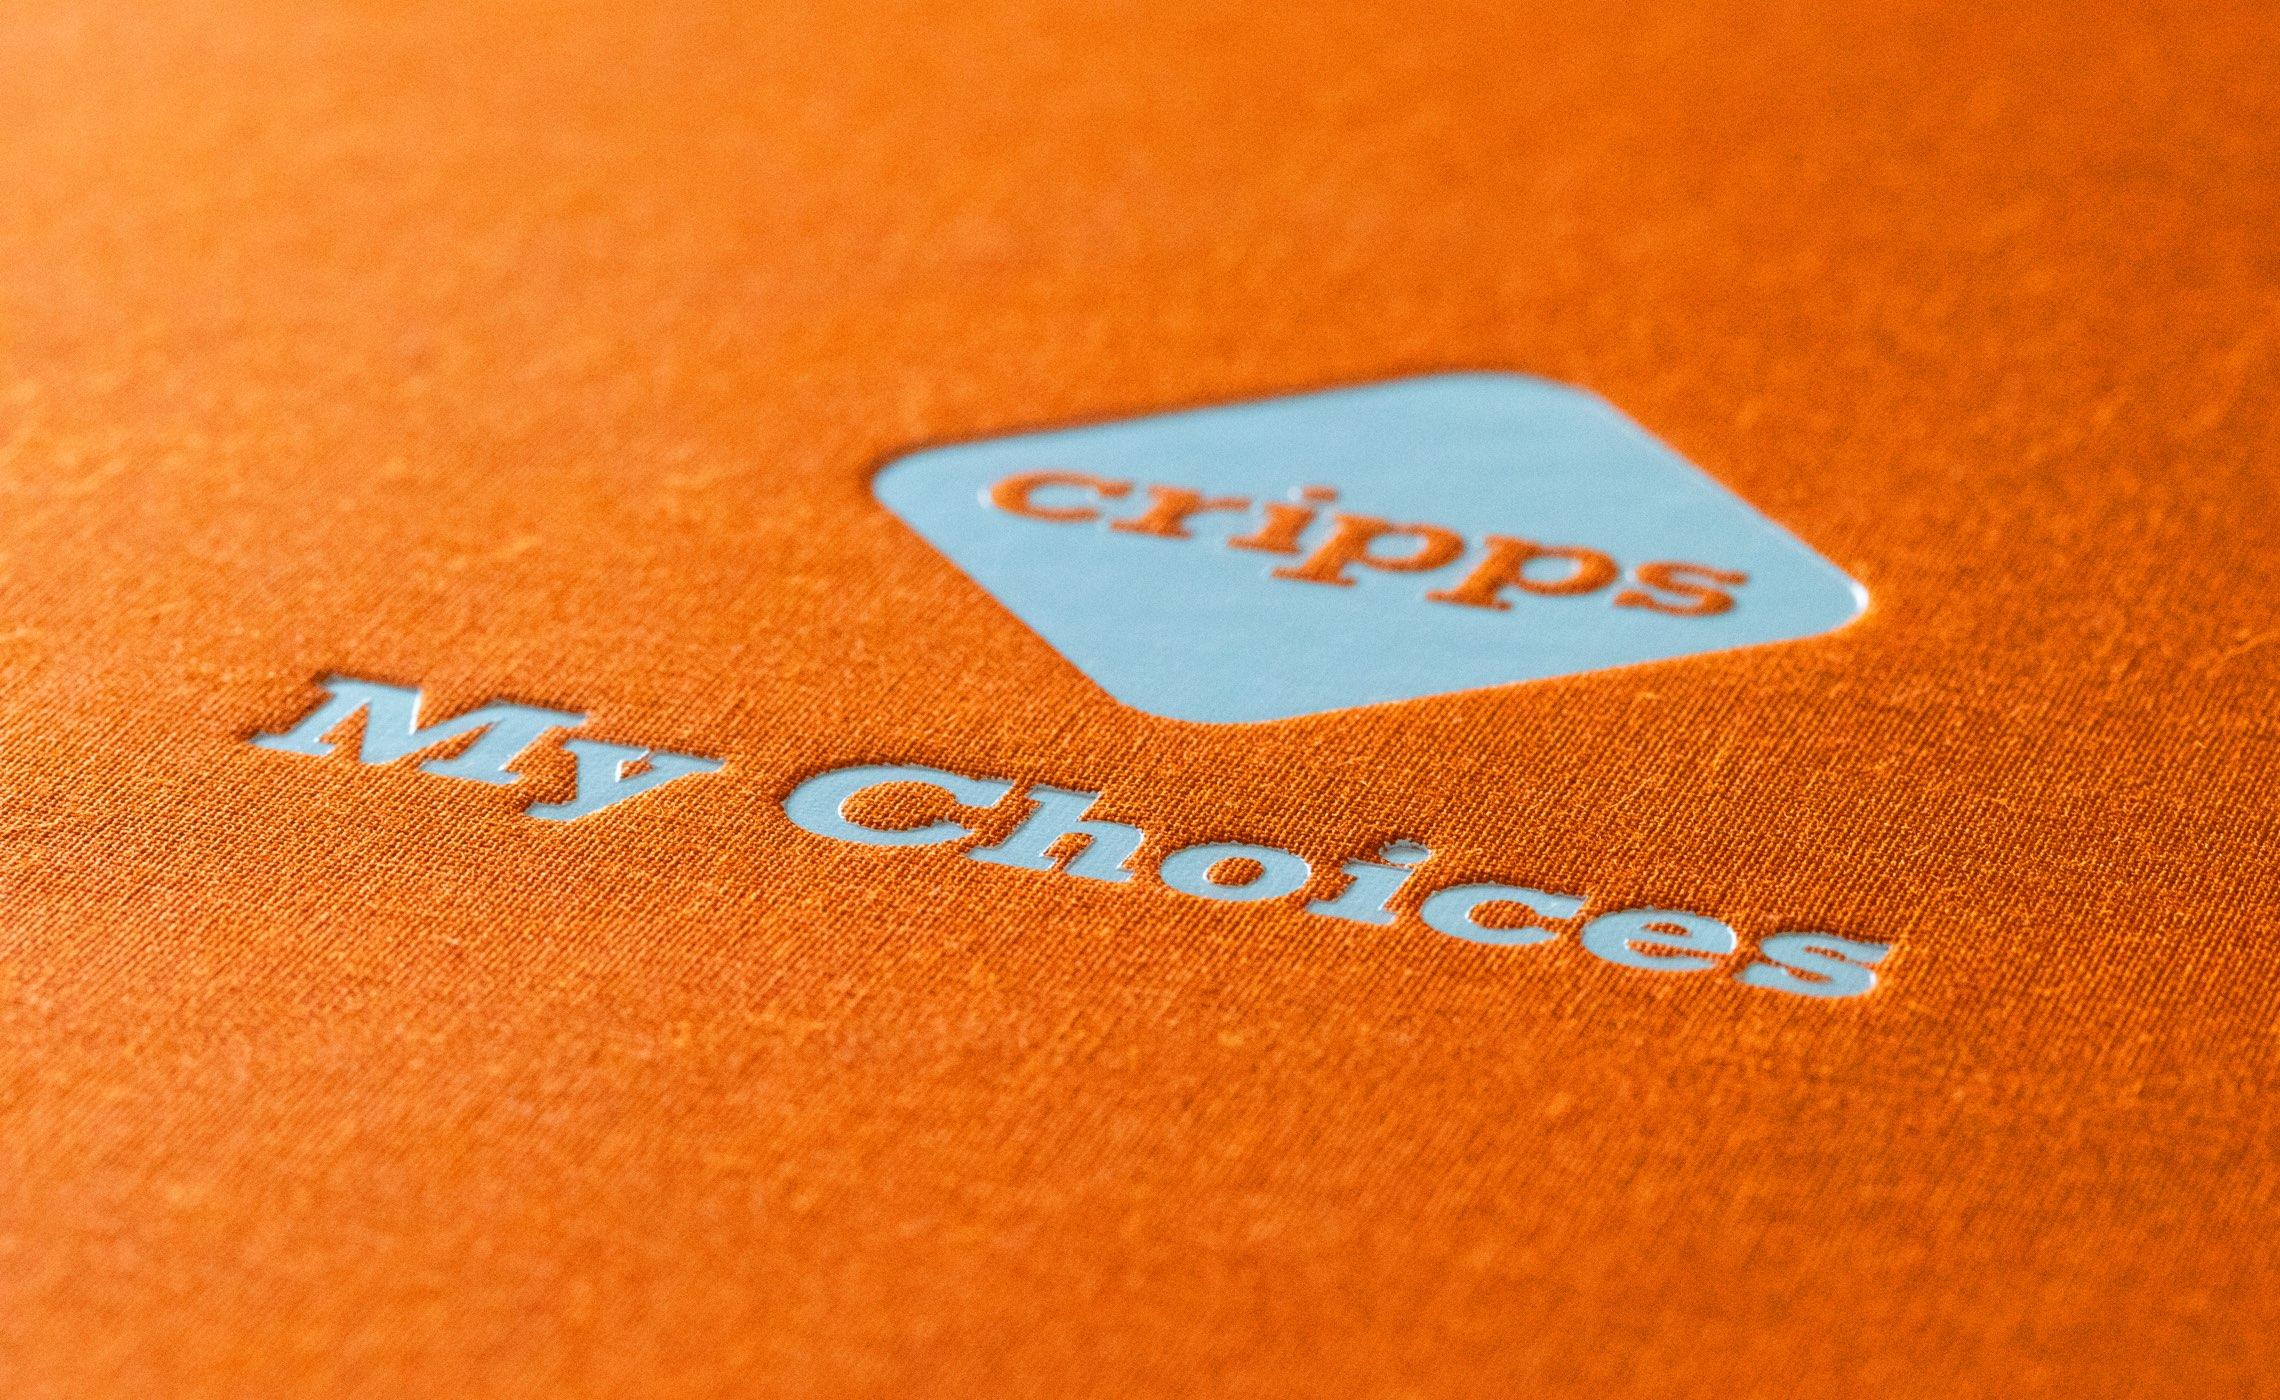 Cripps – my choices folder